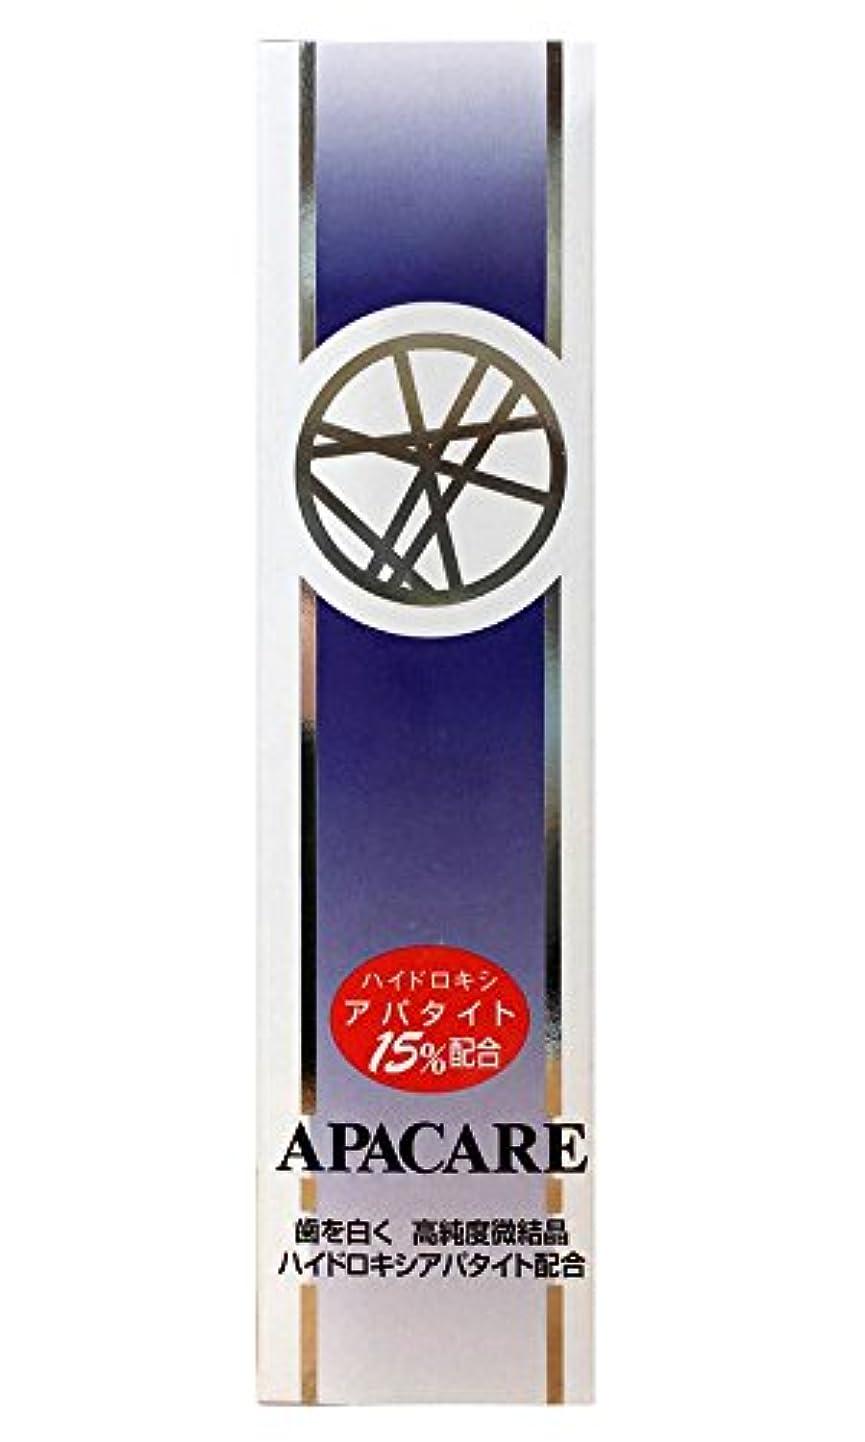 戦士子犬リーズ(株)サンプラザ アパケア-A 120g